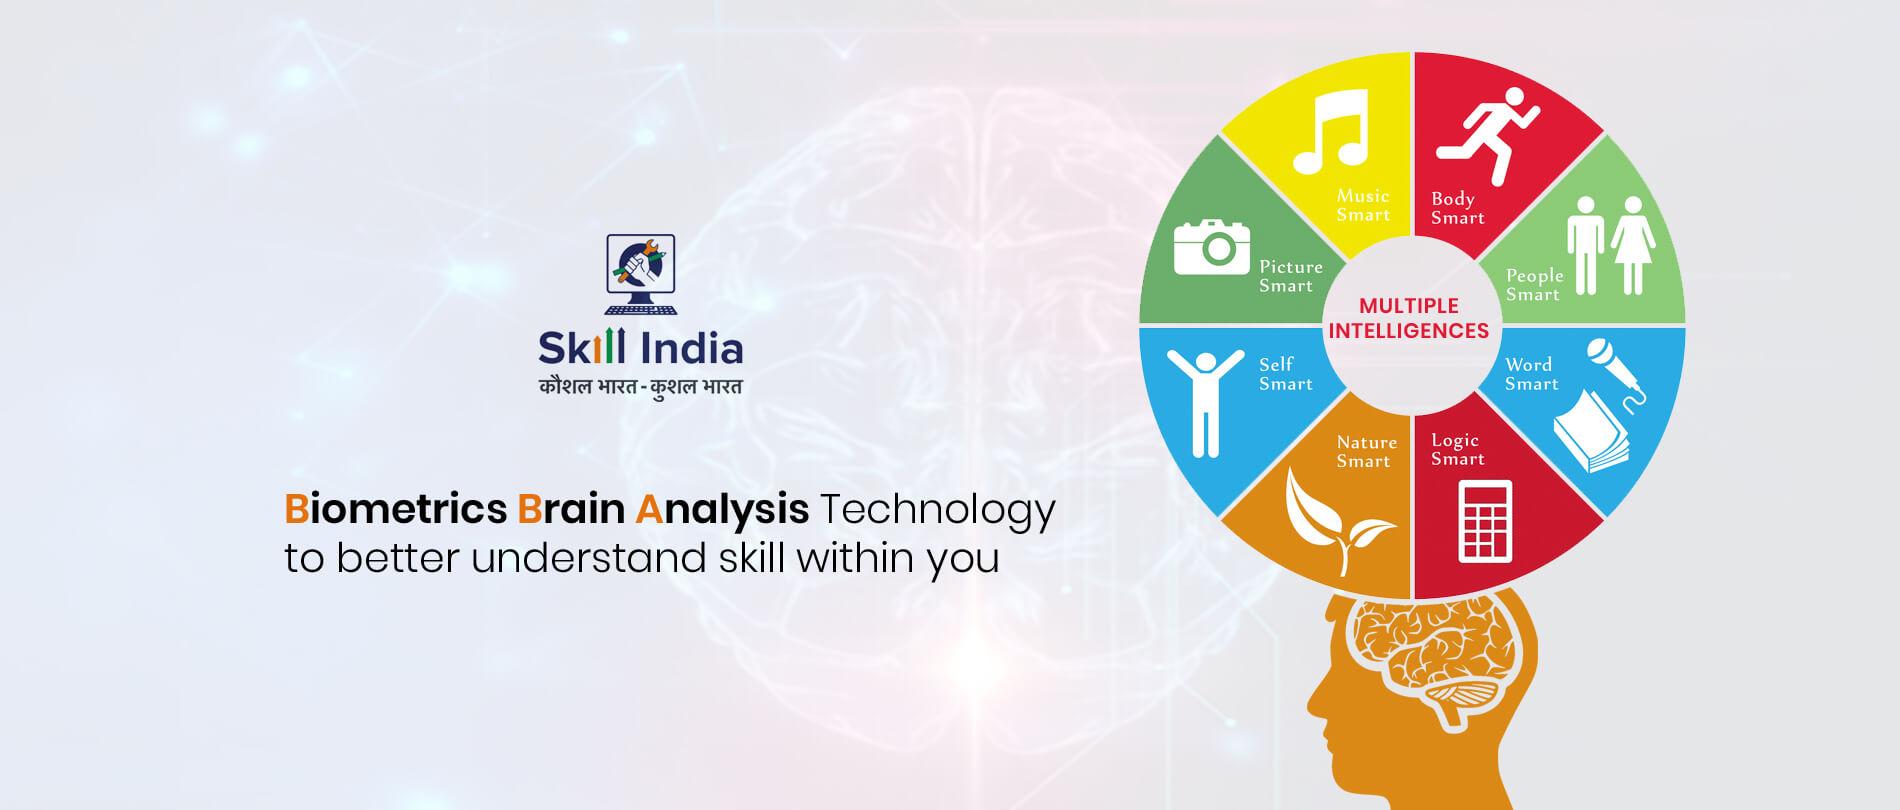 Biometrics Brain Analysis